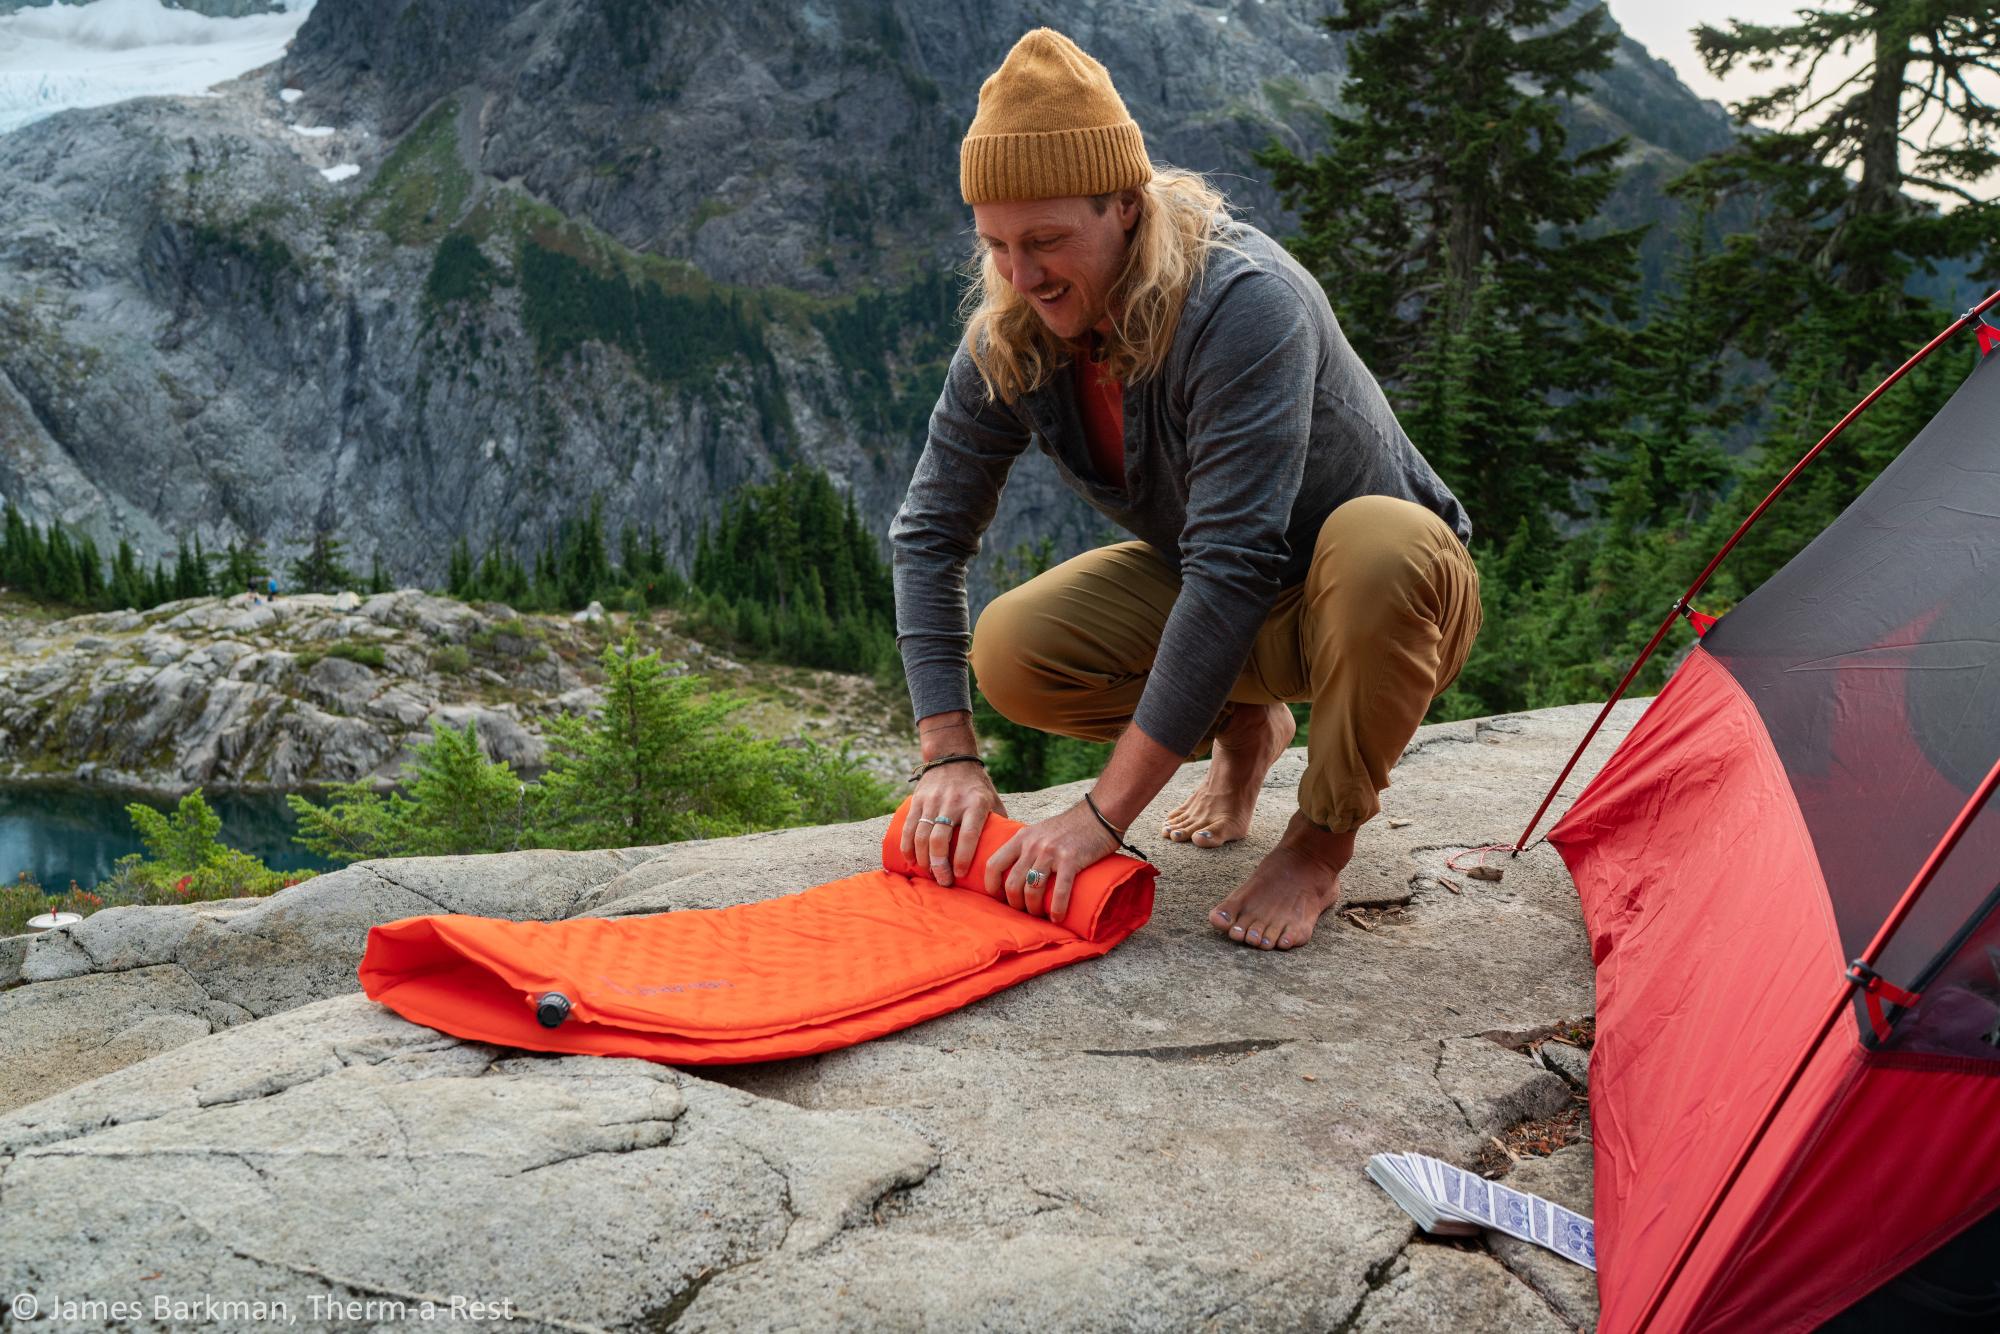 Ein junger Mann verpackt seine Isomatte von Therm-a-Rest auf ein super kleines Packmaß.